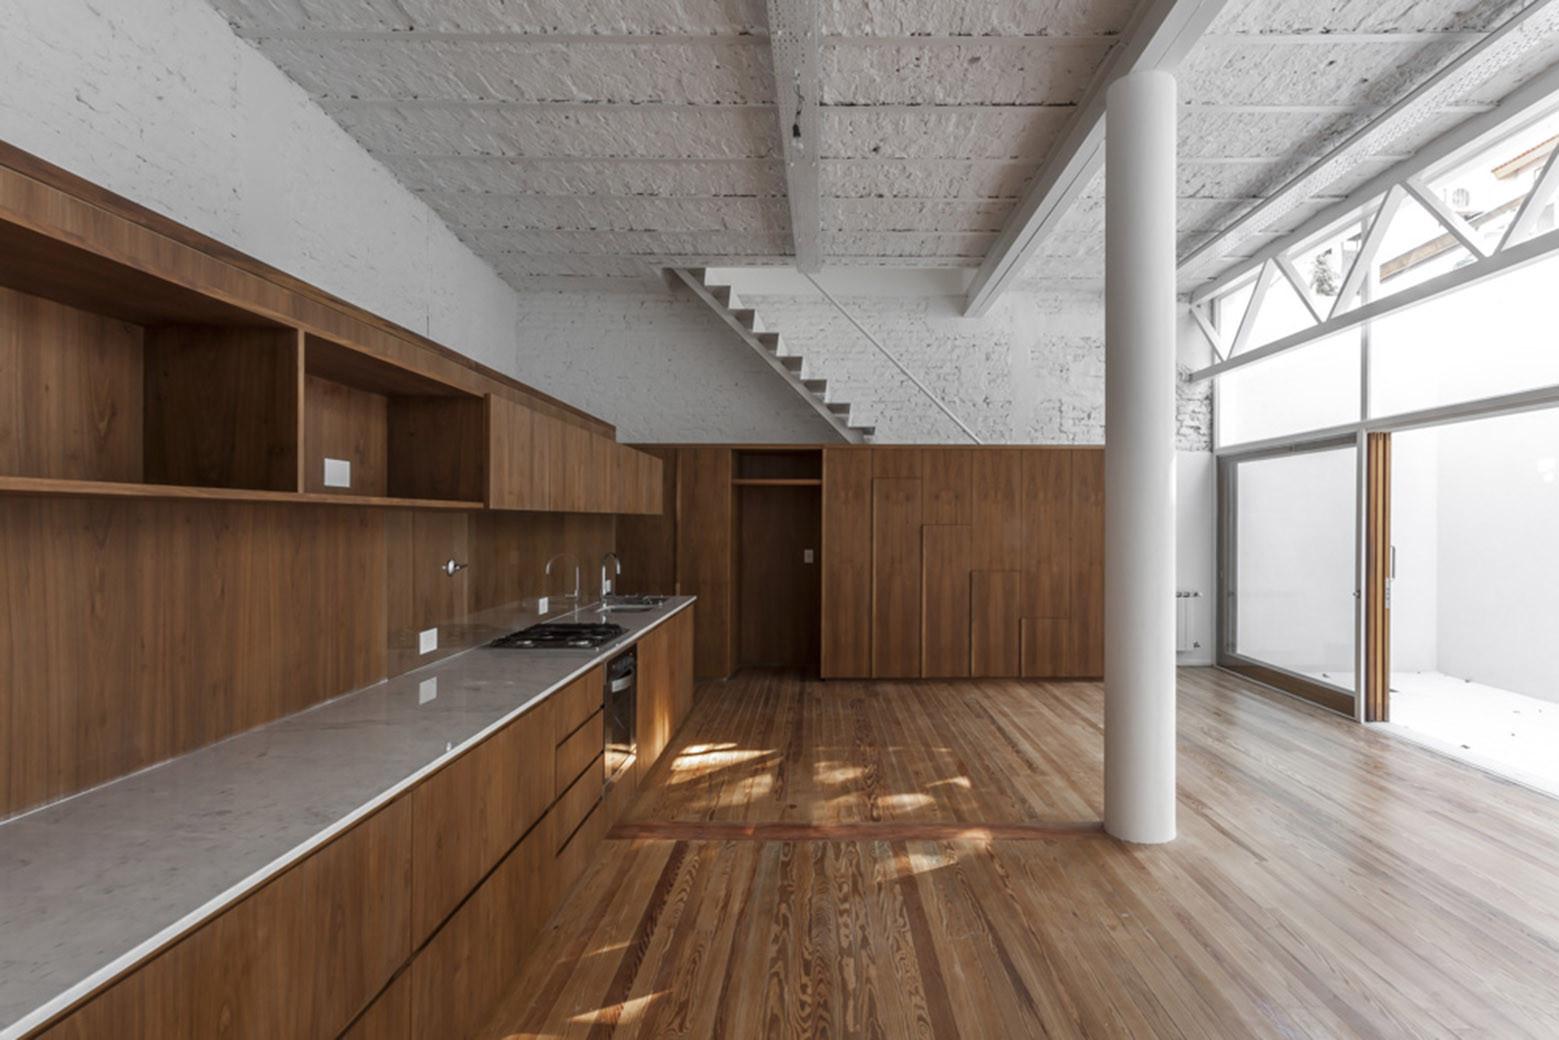 Casa Tamborini / Matías Beccar Varela + Ariana Werber, © Federico Kulekdjian